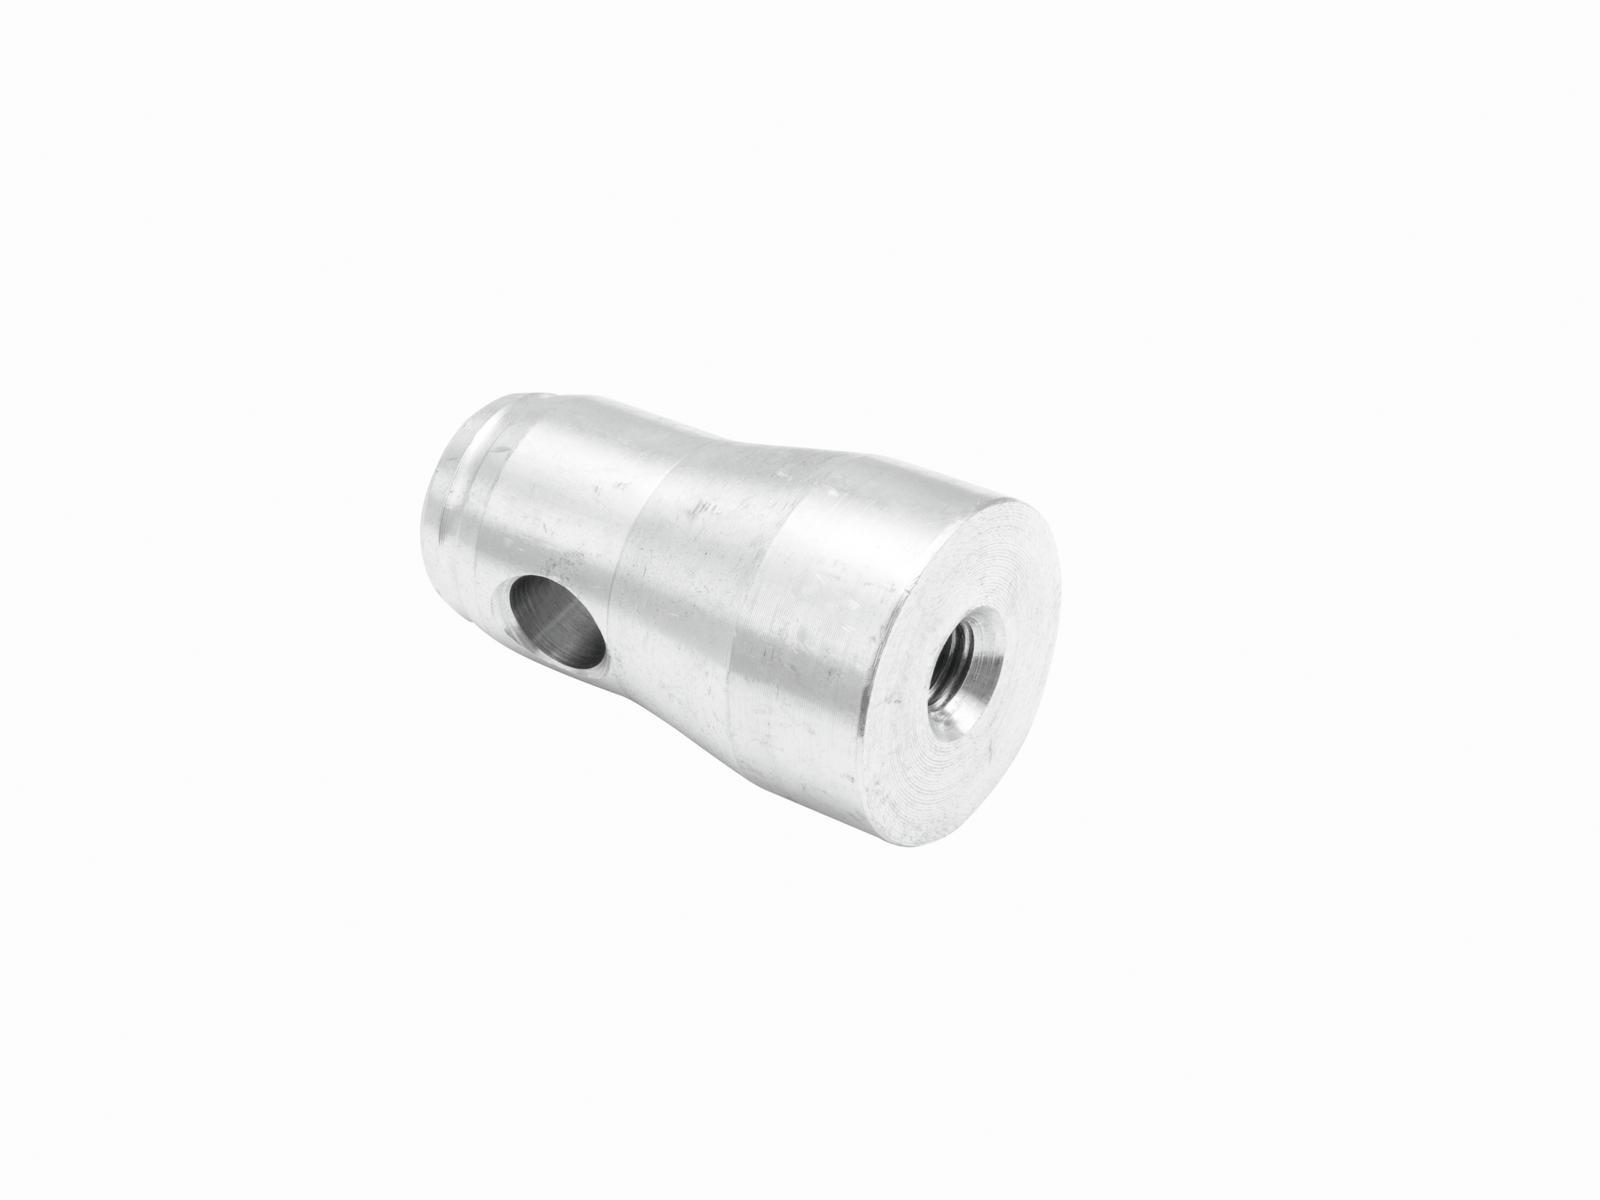 Accessori per americana traliccio truss ALUTRUSS QUADLOCK Accoppiatore halfconical w.filettatura M10